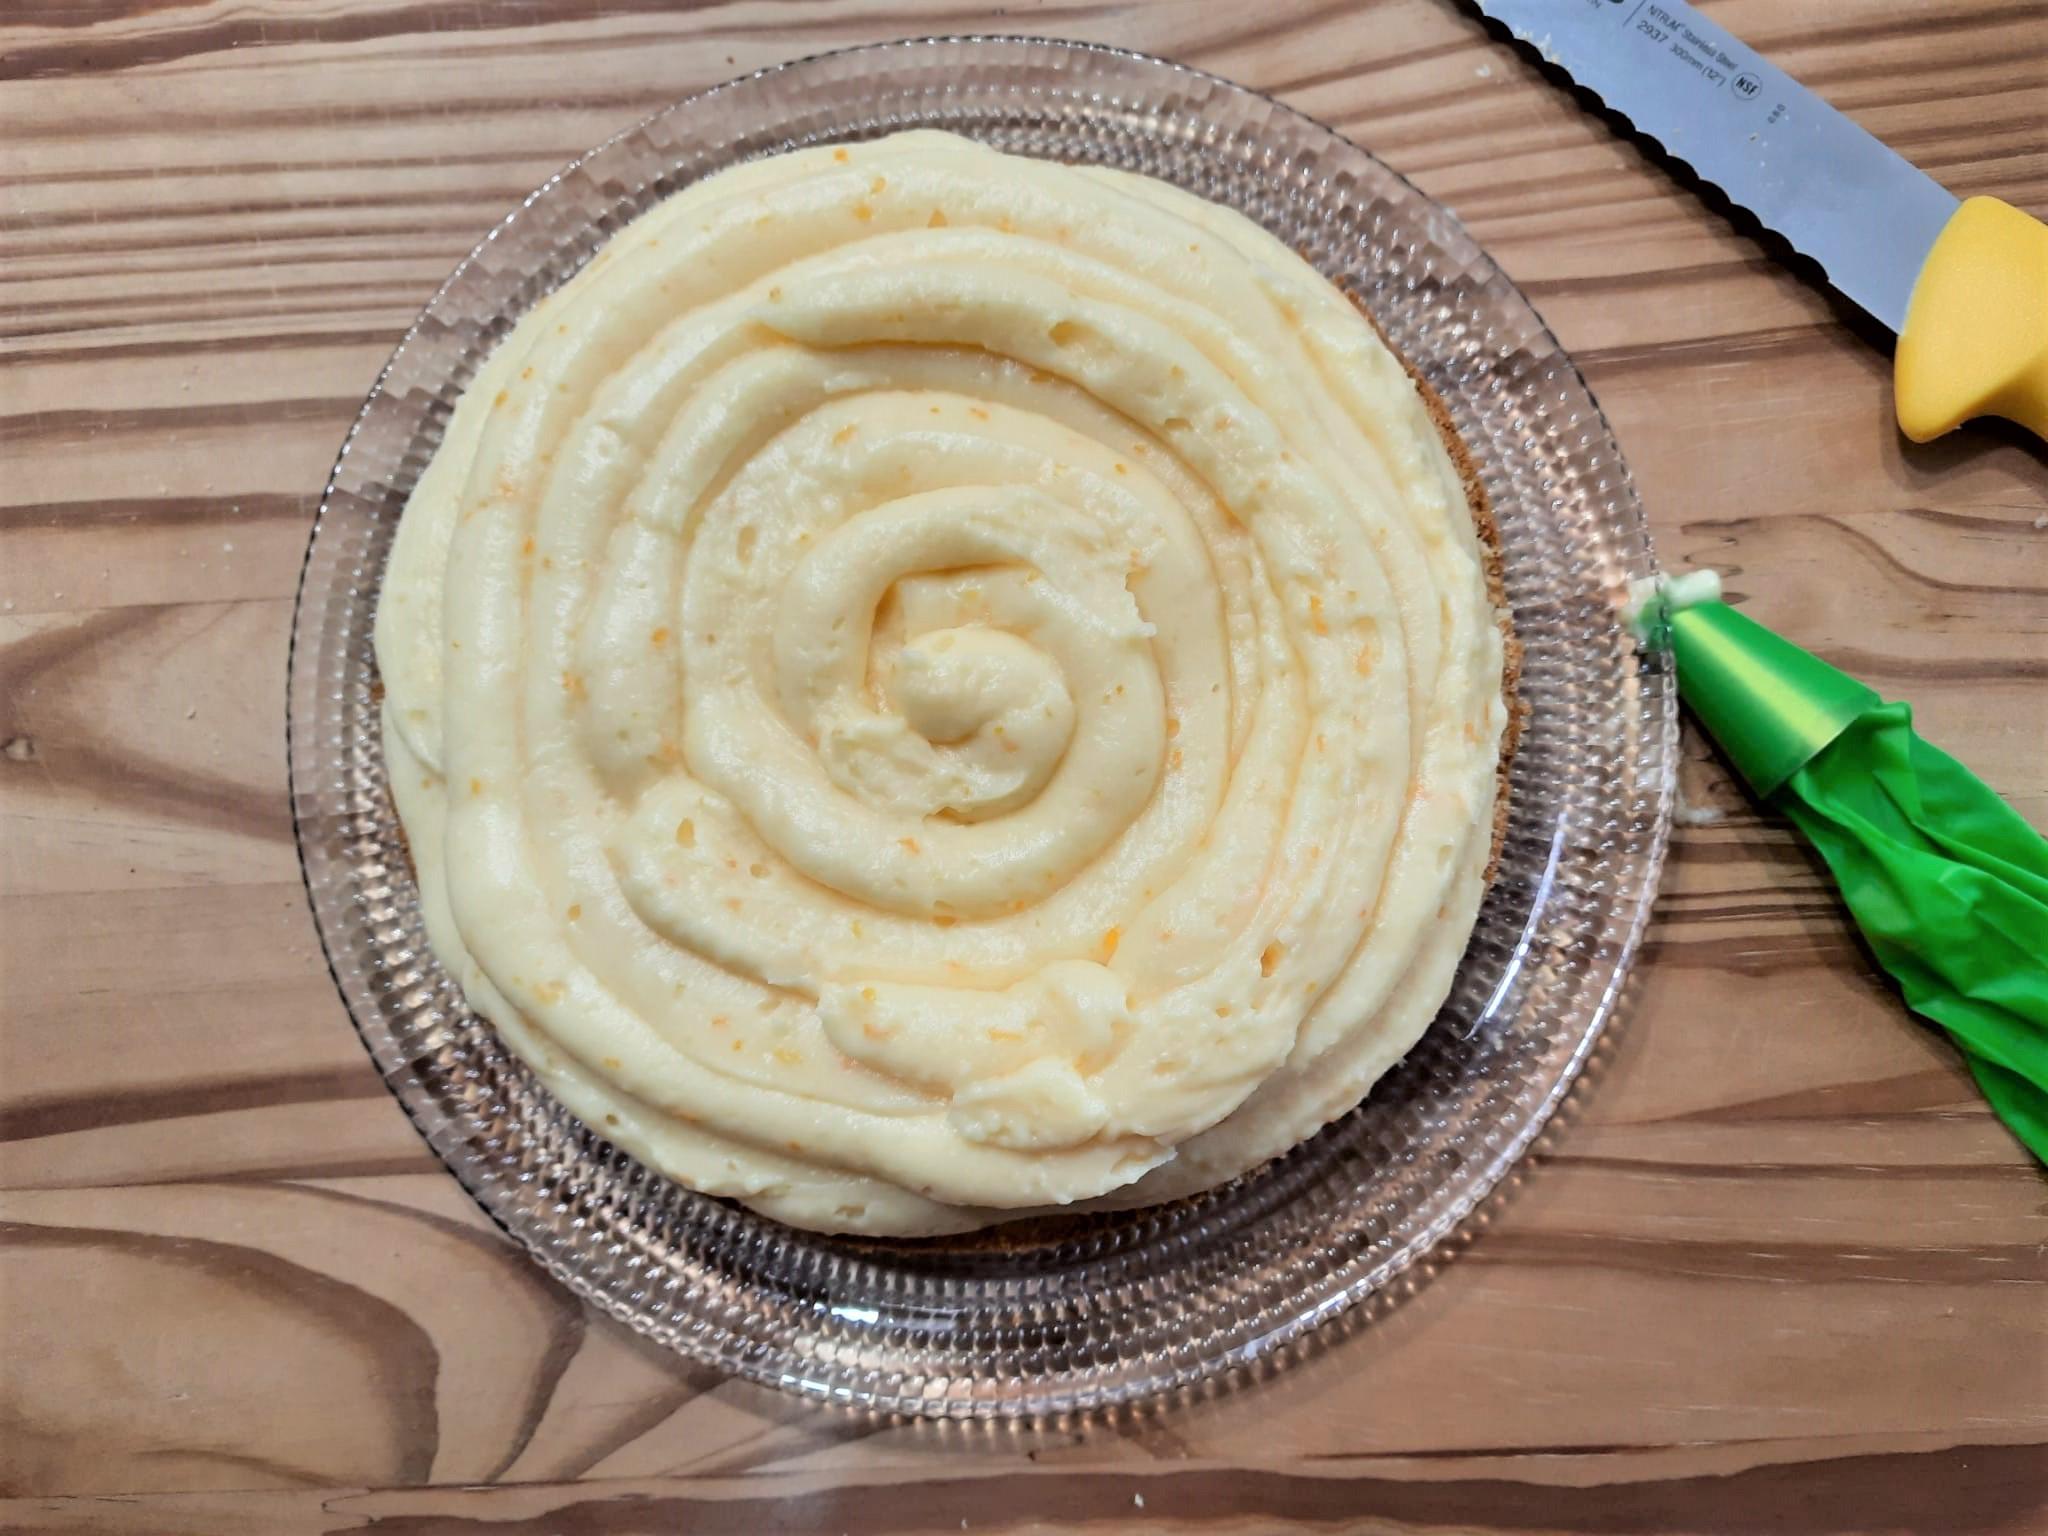 Torta all'arancia farcita con crema all'arancia